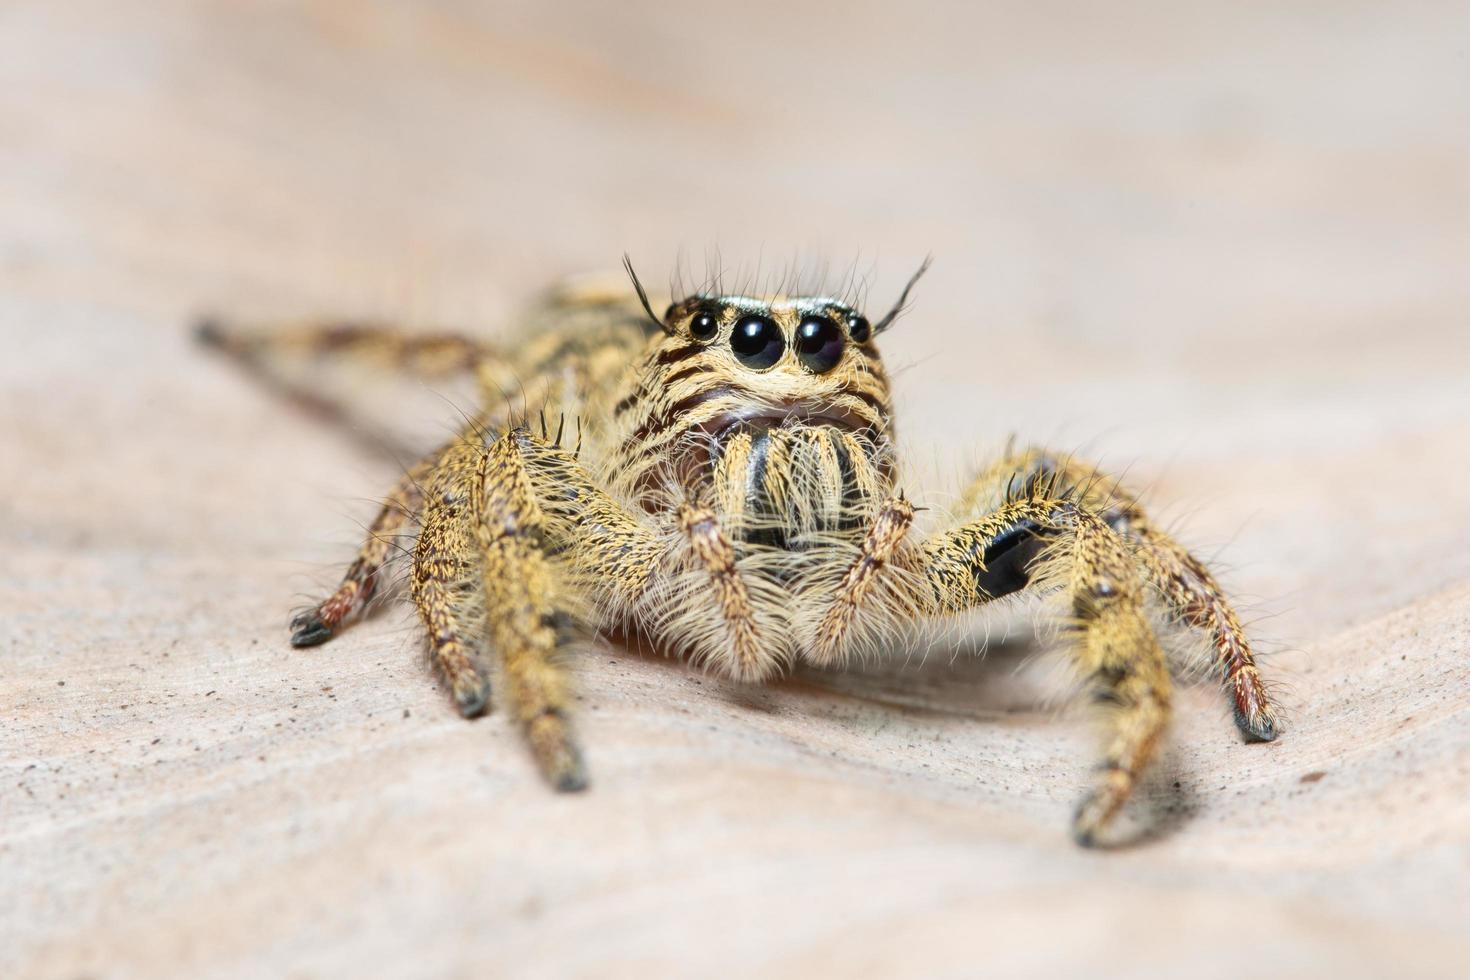 araignée macro jaune photo